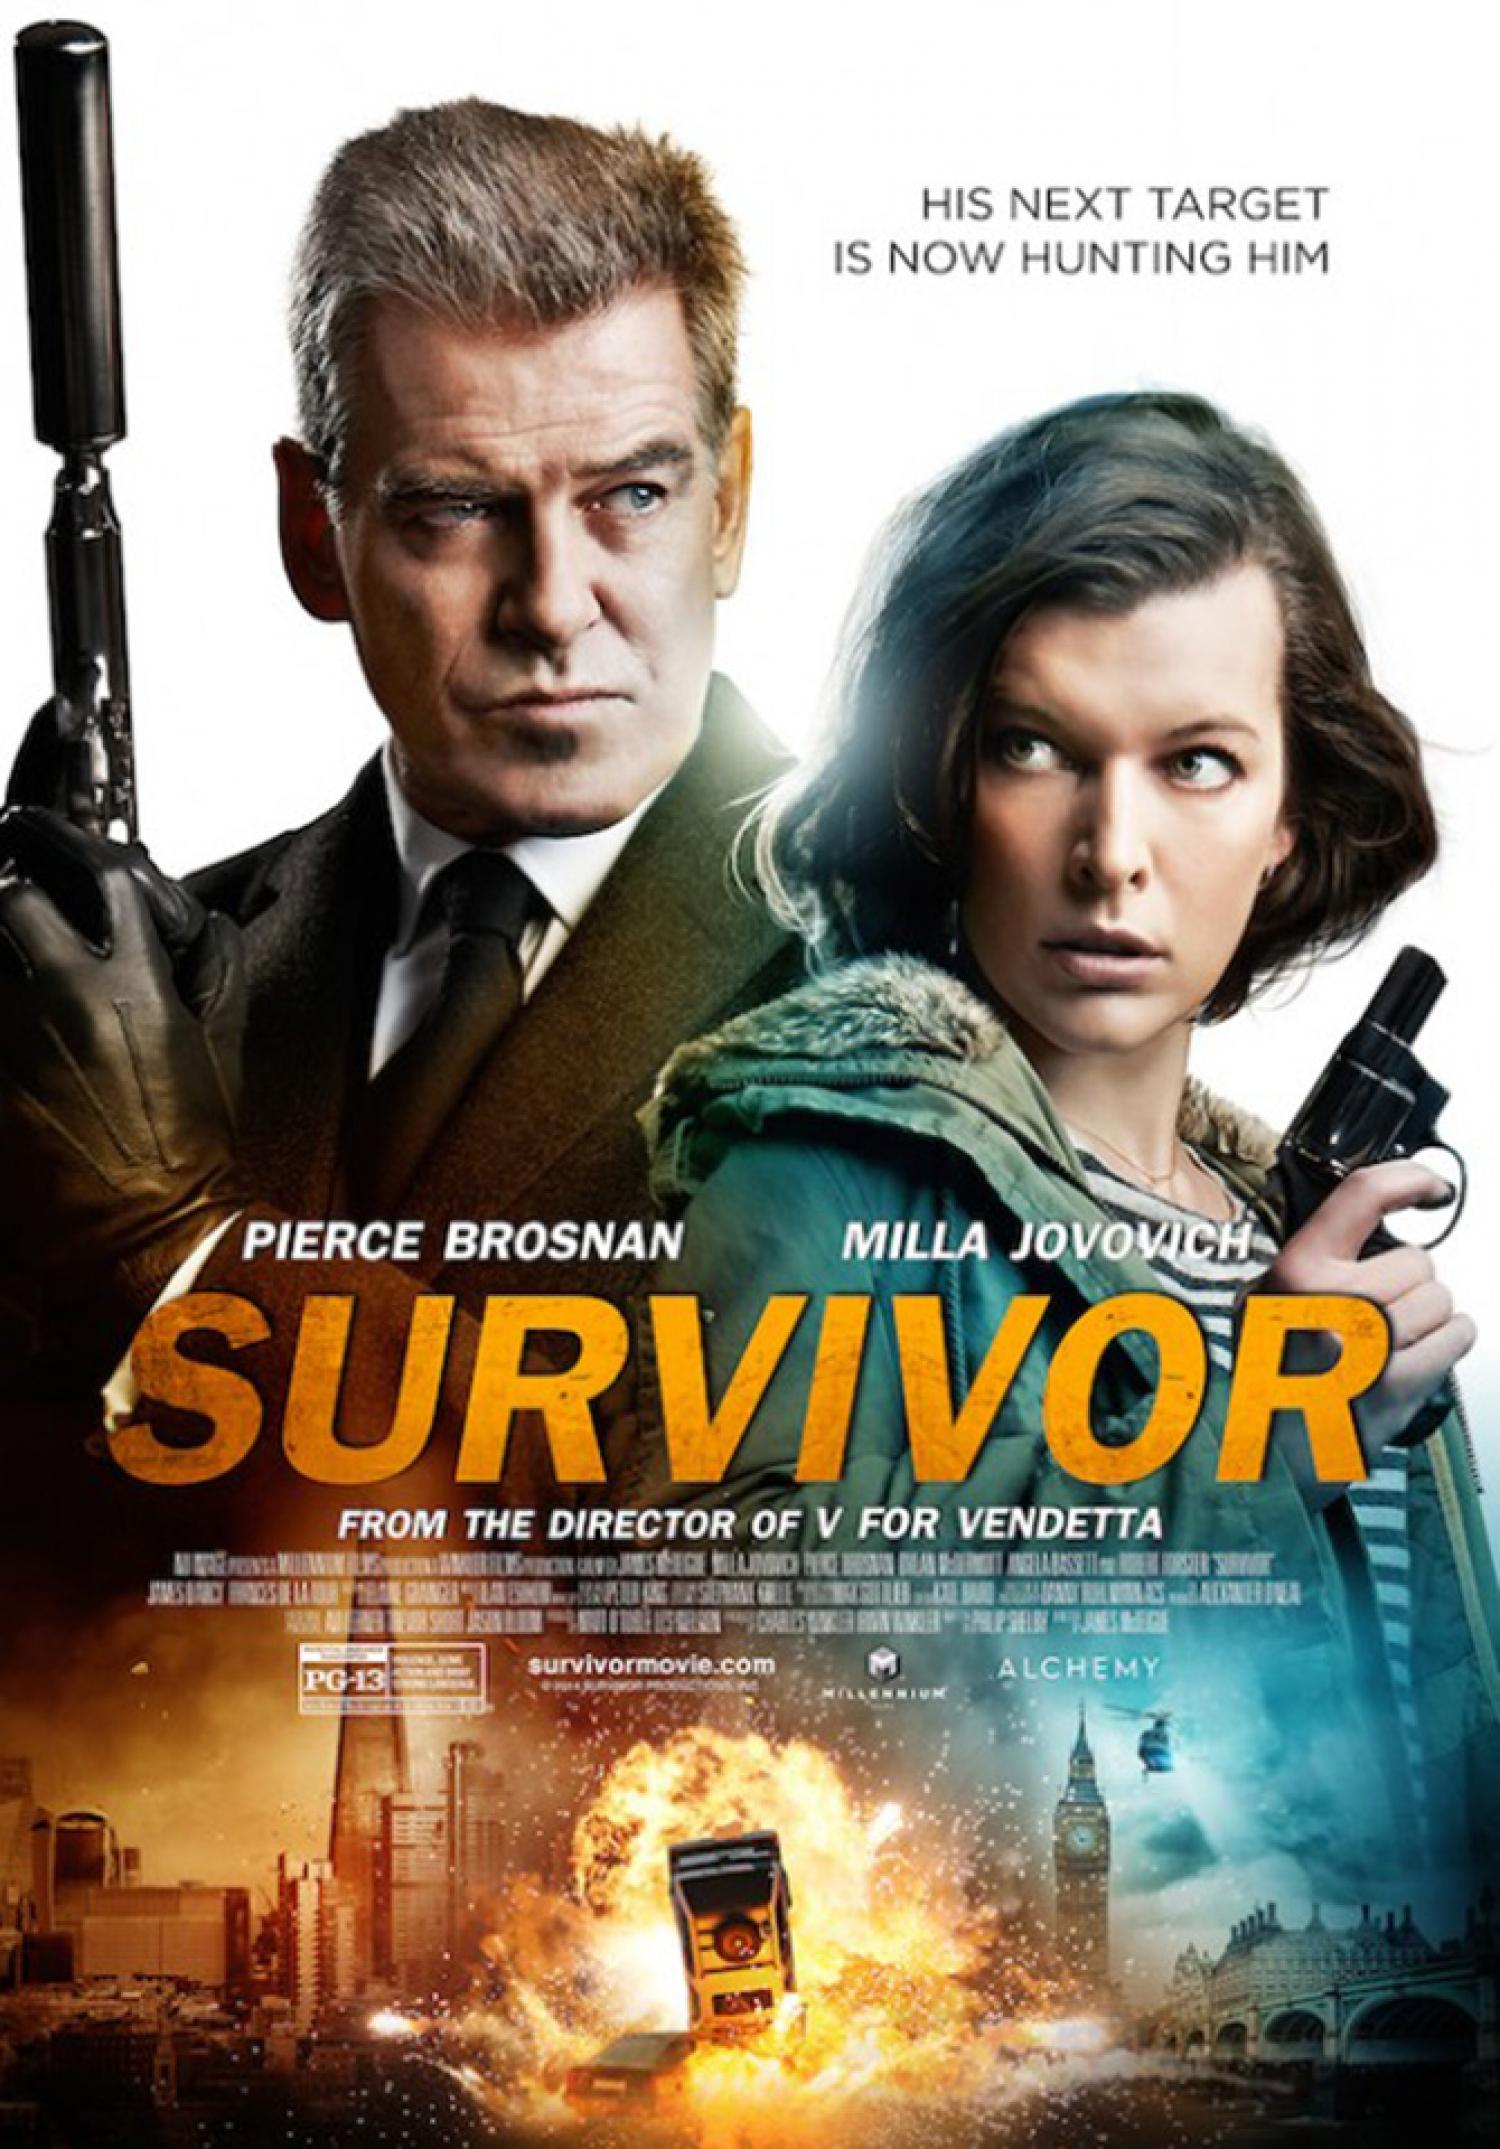 survivor movie info and showtimes in trinidad and tobago